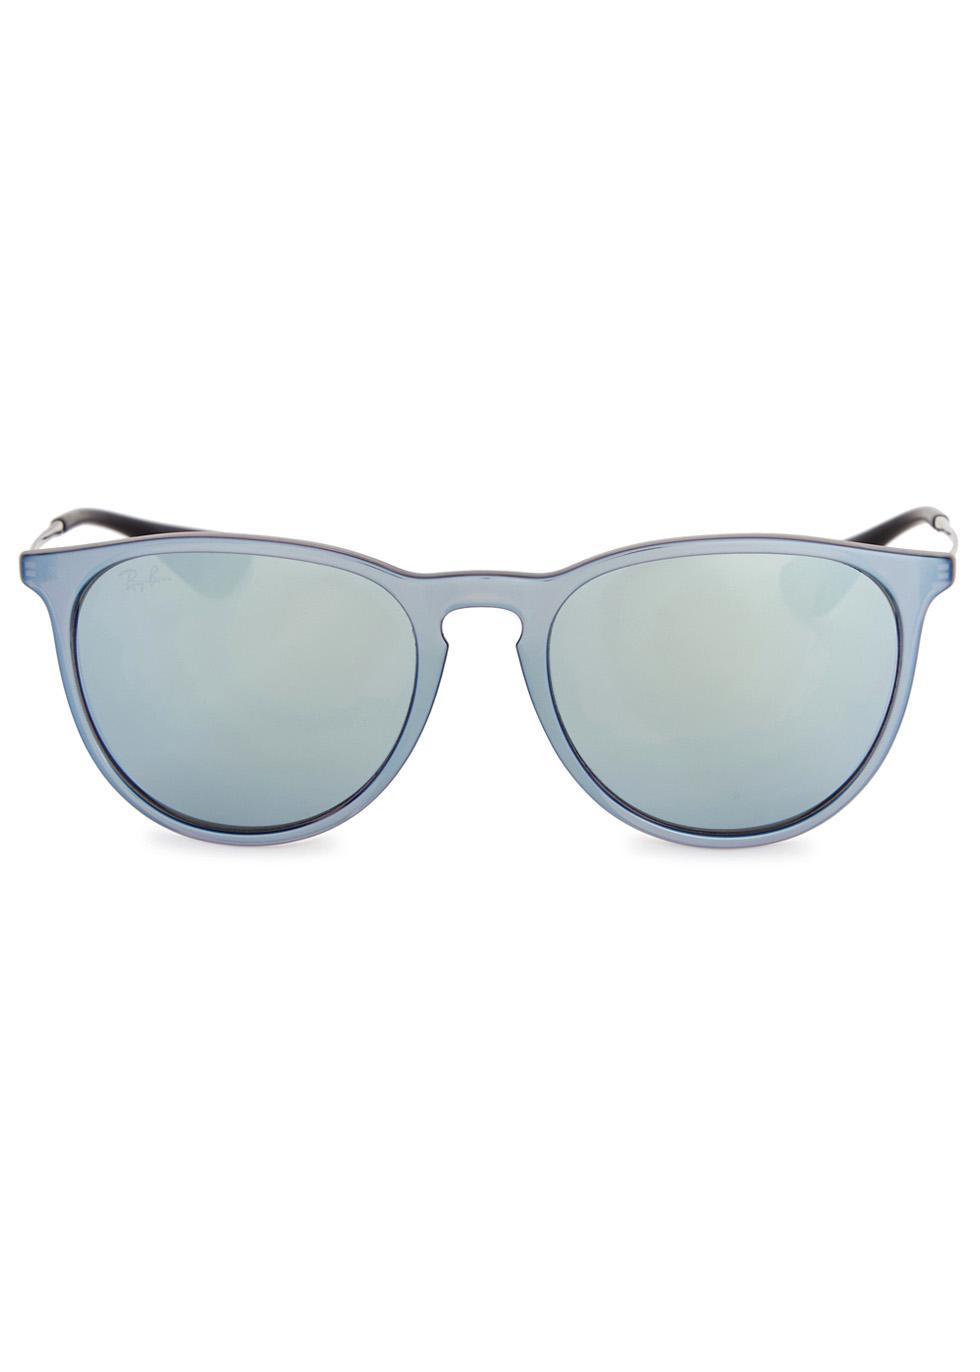 Erika 4171 metallic wayferer-style sunglasses - Ray-Ban